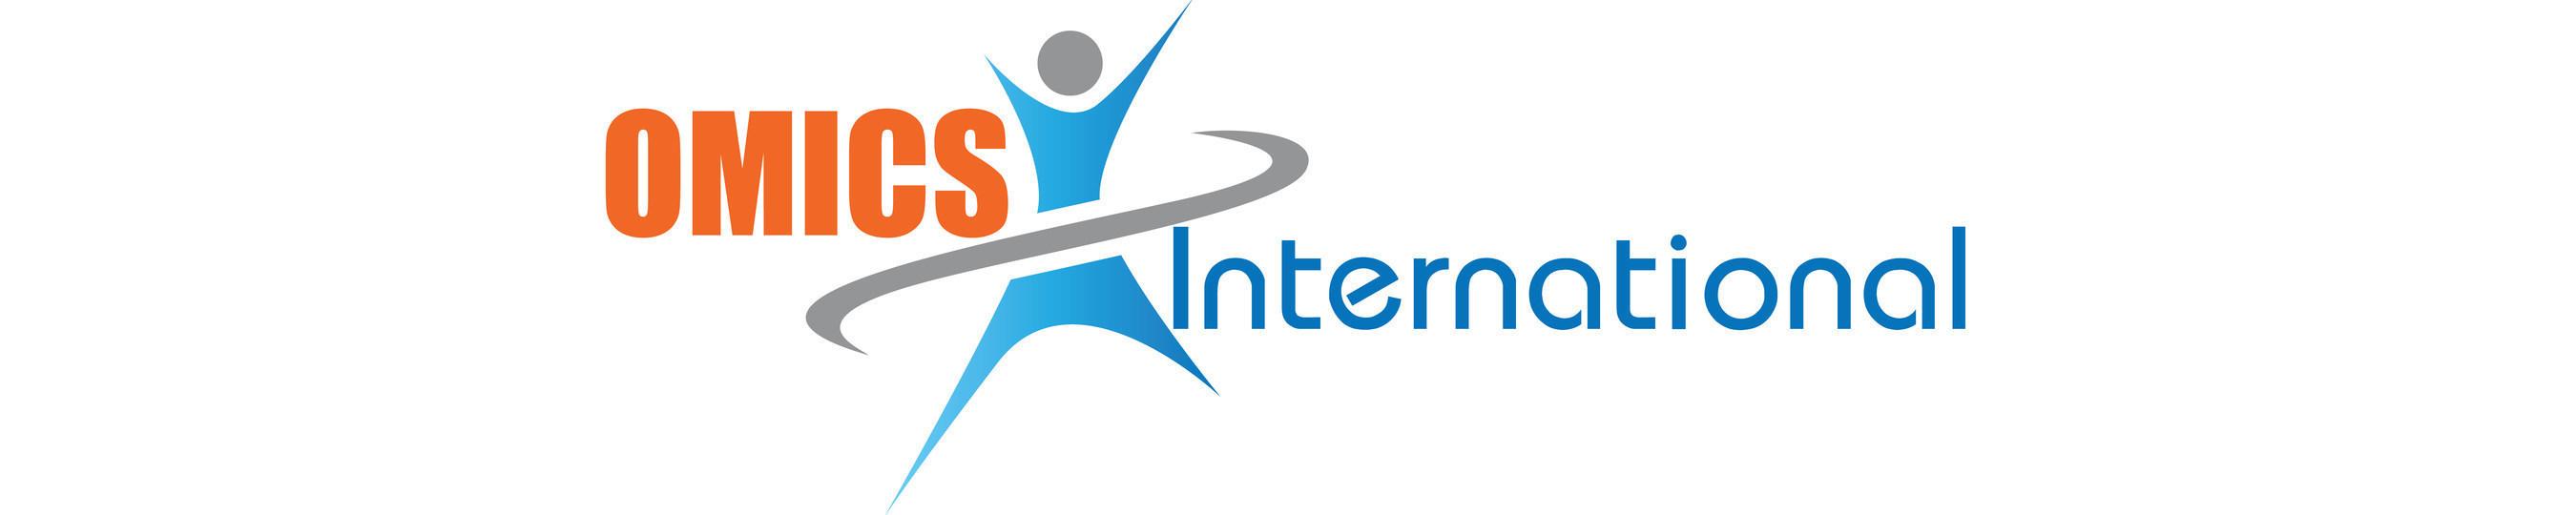 OMICS International